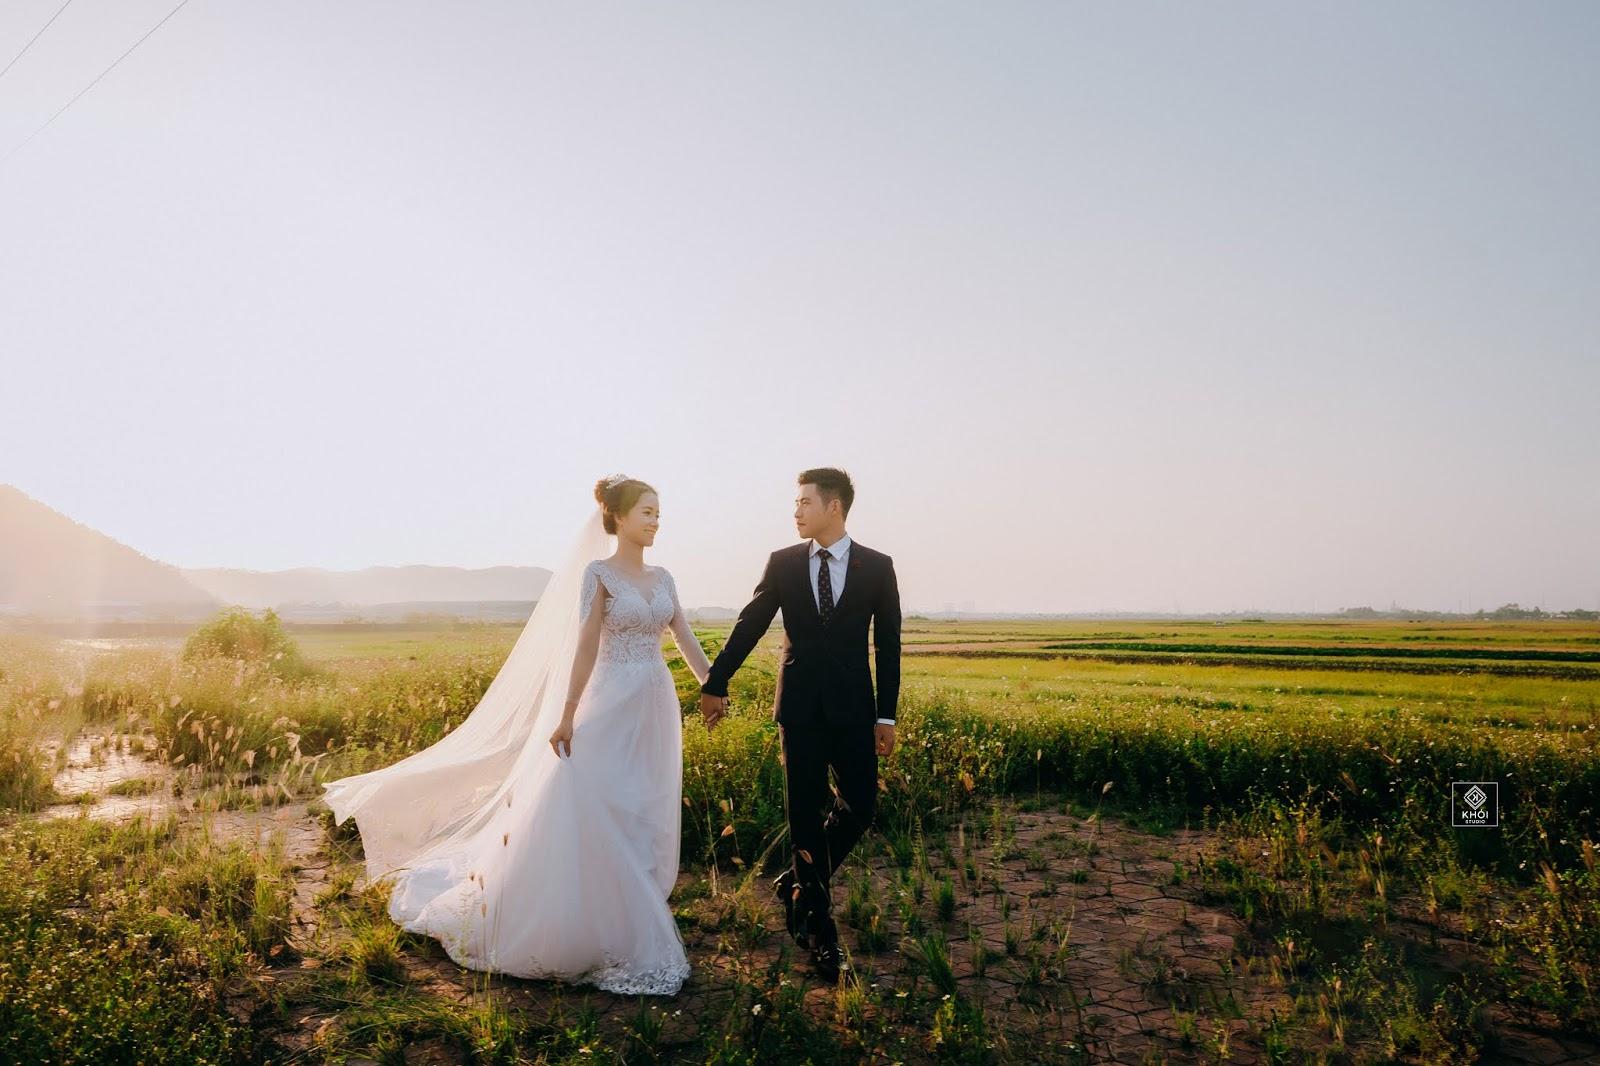 Bật mí 7 tư thế và cách tạo dáng đẹp khi chụp ảnh cưới5